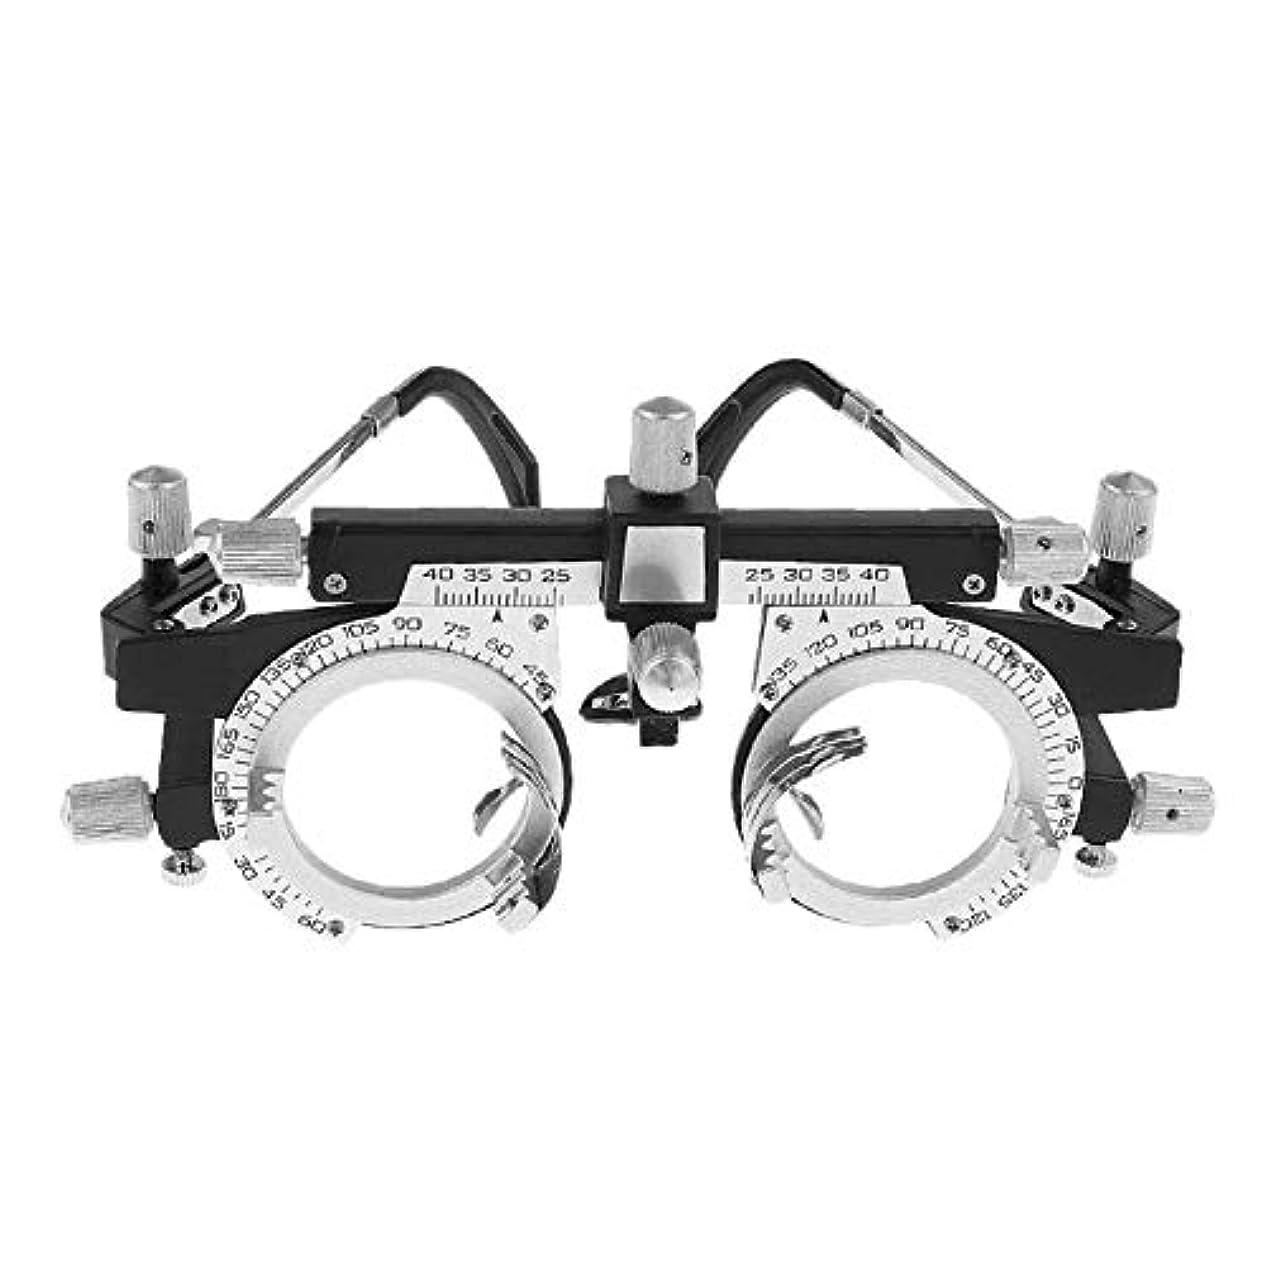 Bonni 調整可能なプロフェッショナルアイウェア検眼メタルフレーム光学眼鏡眼鏡トライアルレンズメタルフレームPD眼鏡アクセサリー